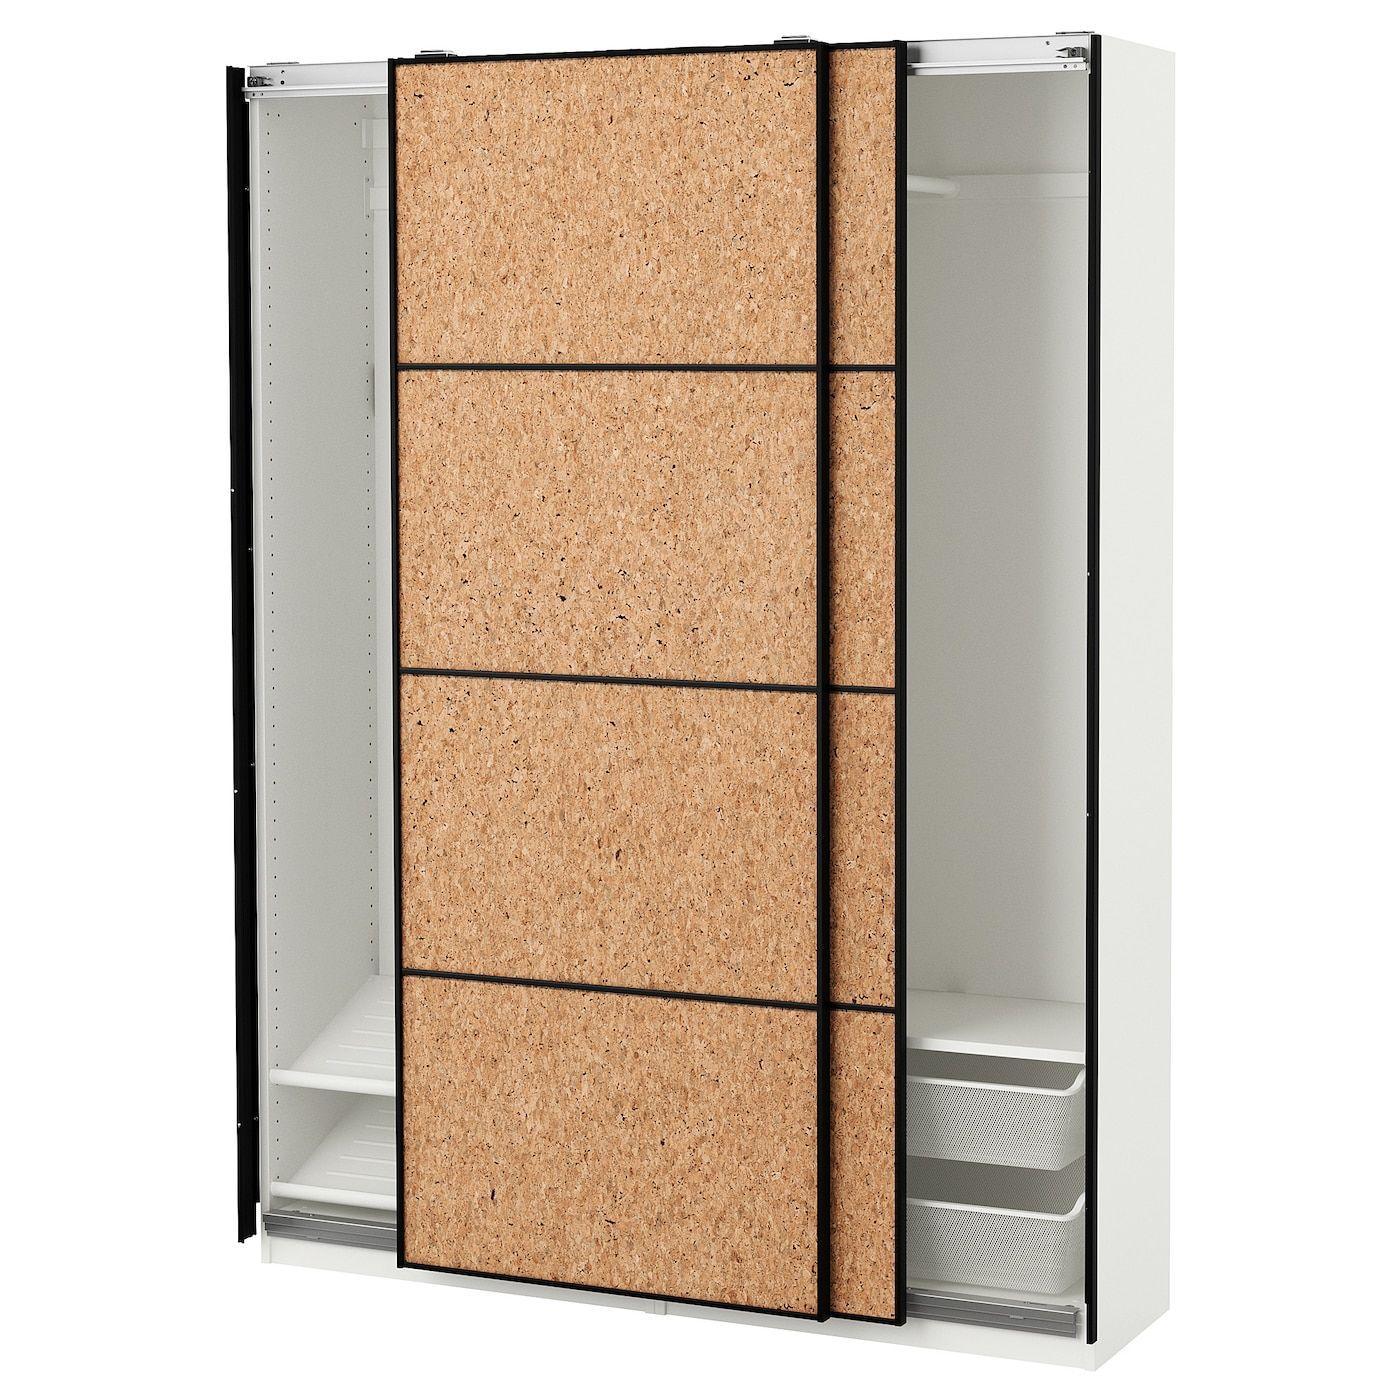 Panneau En Liège Ikea pax wardrobe - white, kirkenes cork veneer 59x17 3/8x79 1/4